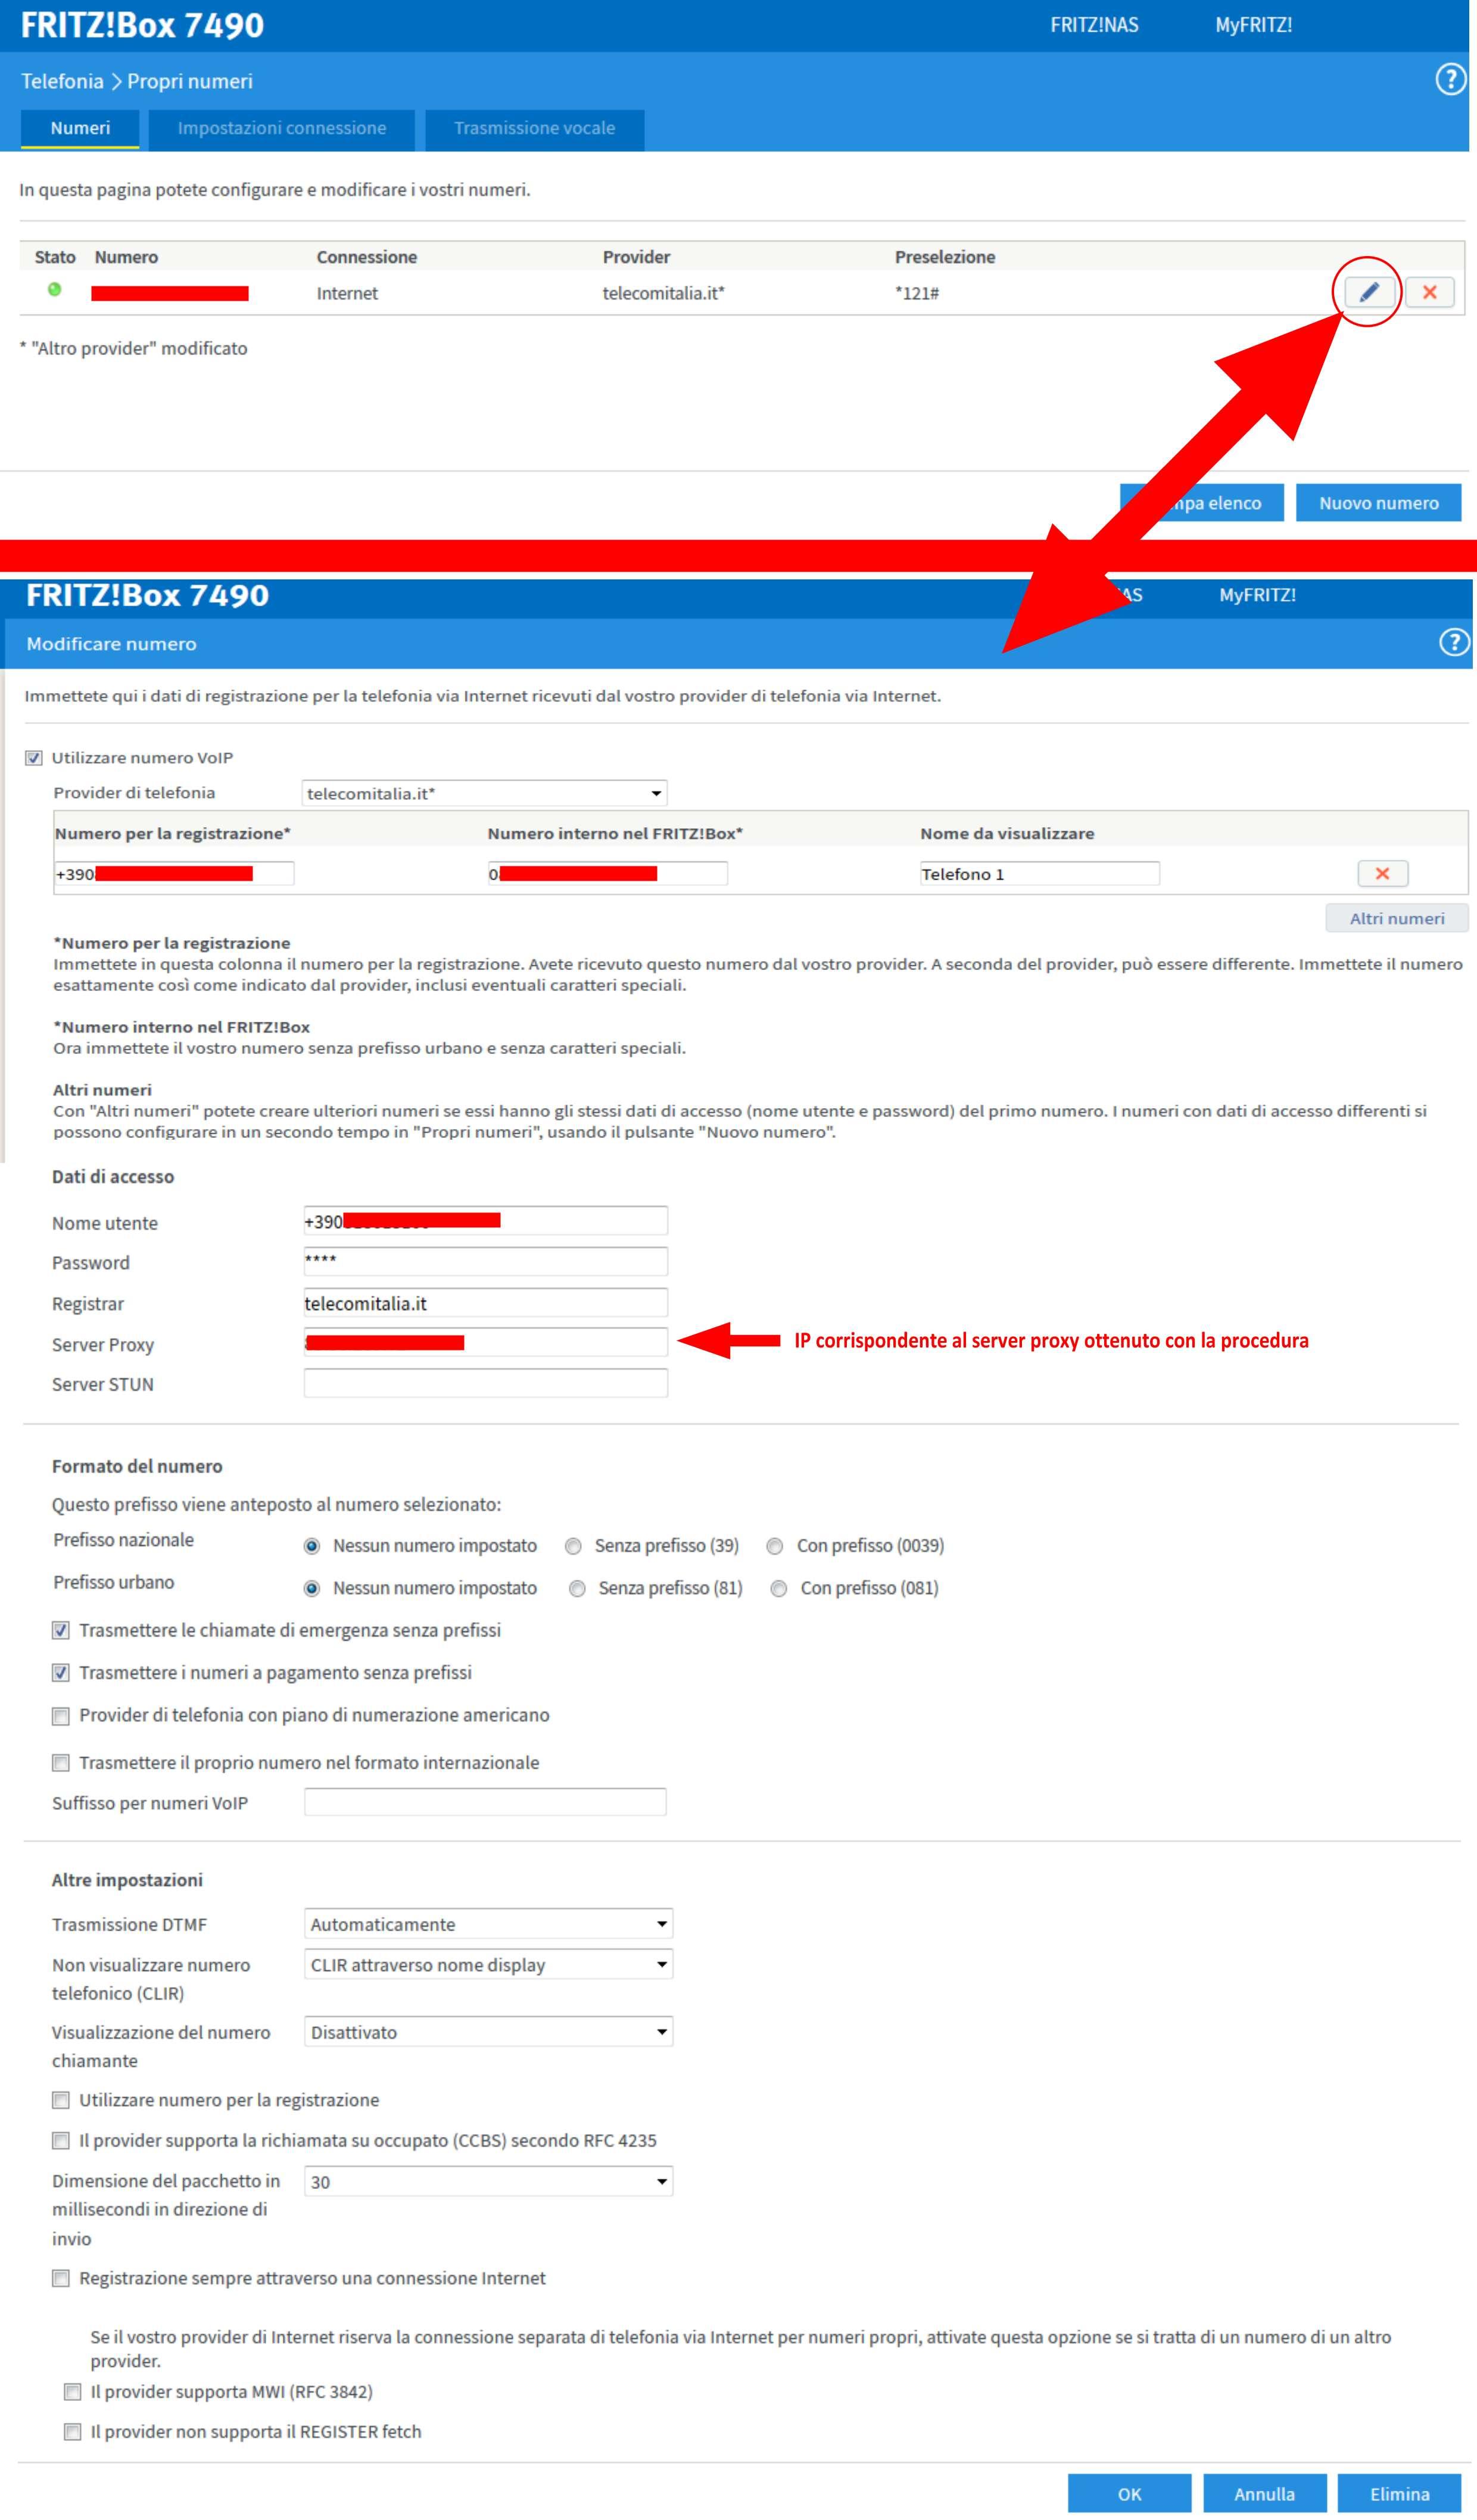 Numero voip di telecom sul fritz 7490 FIBRA - FATTA - Pagina 4 Telefonia_1